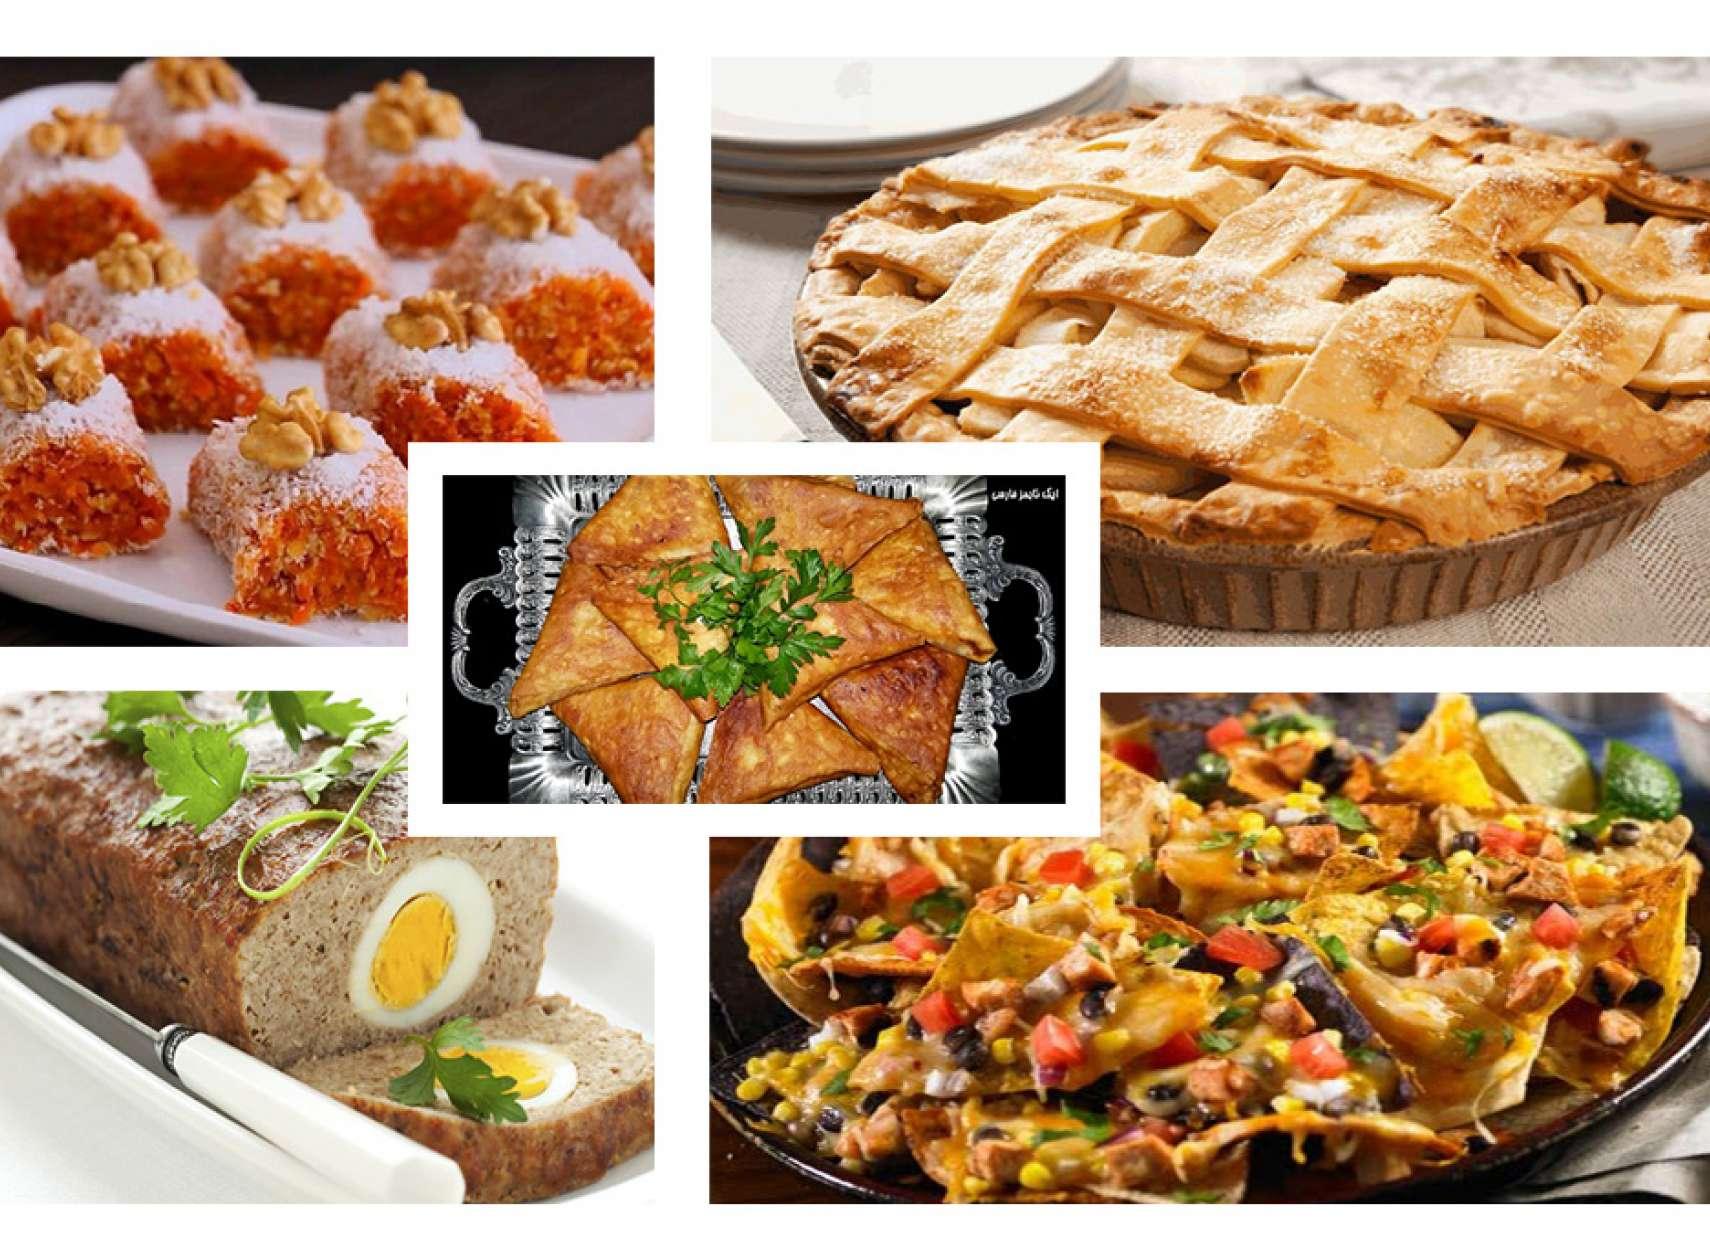 آشپزی-ترابی-دسر-هویج-رولی-سمبوسه-پنير-ناچوز-پای-سیب-رولت-گوشت-مجلسی